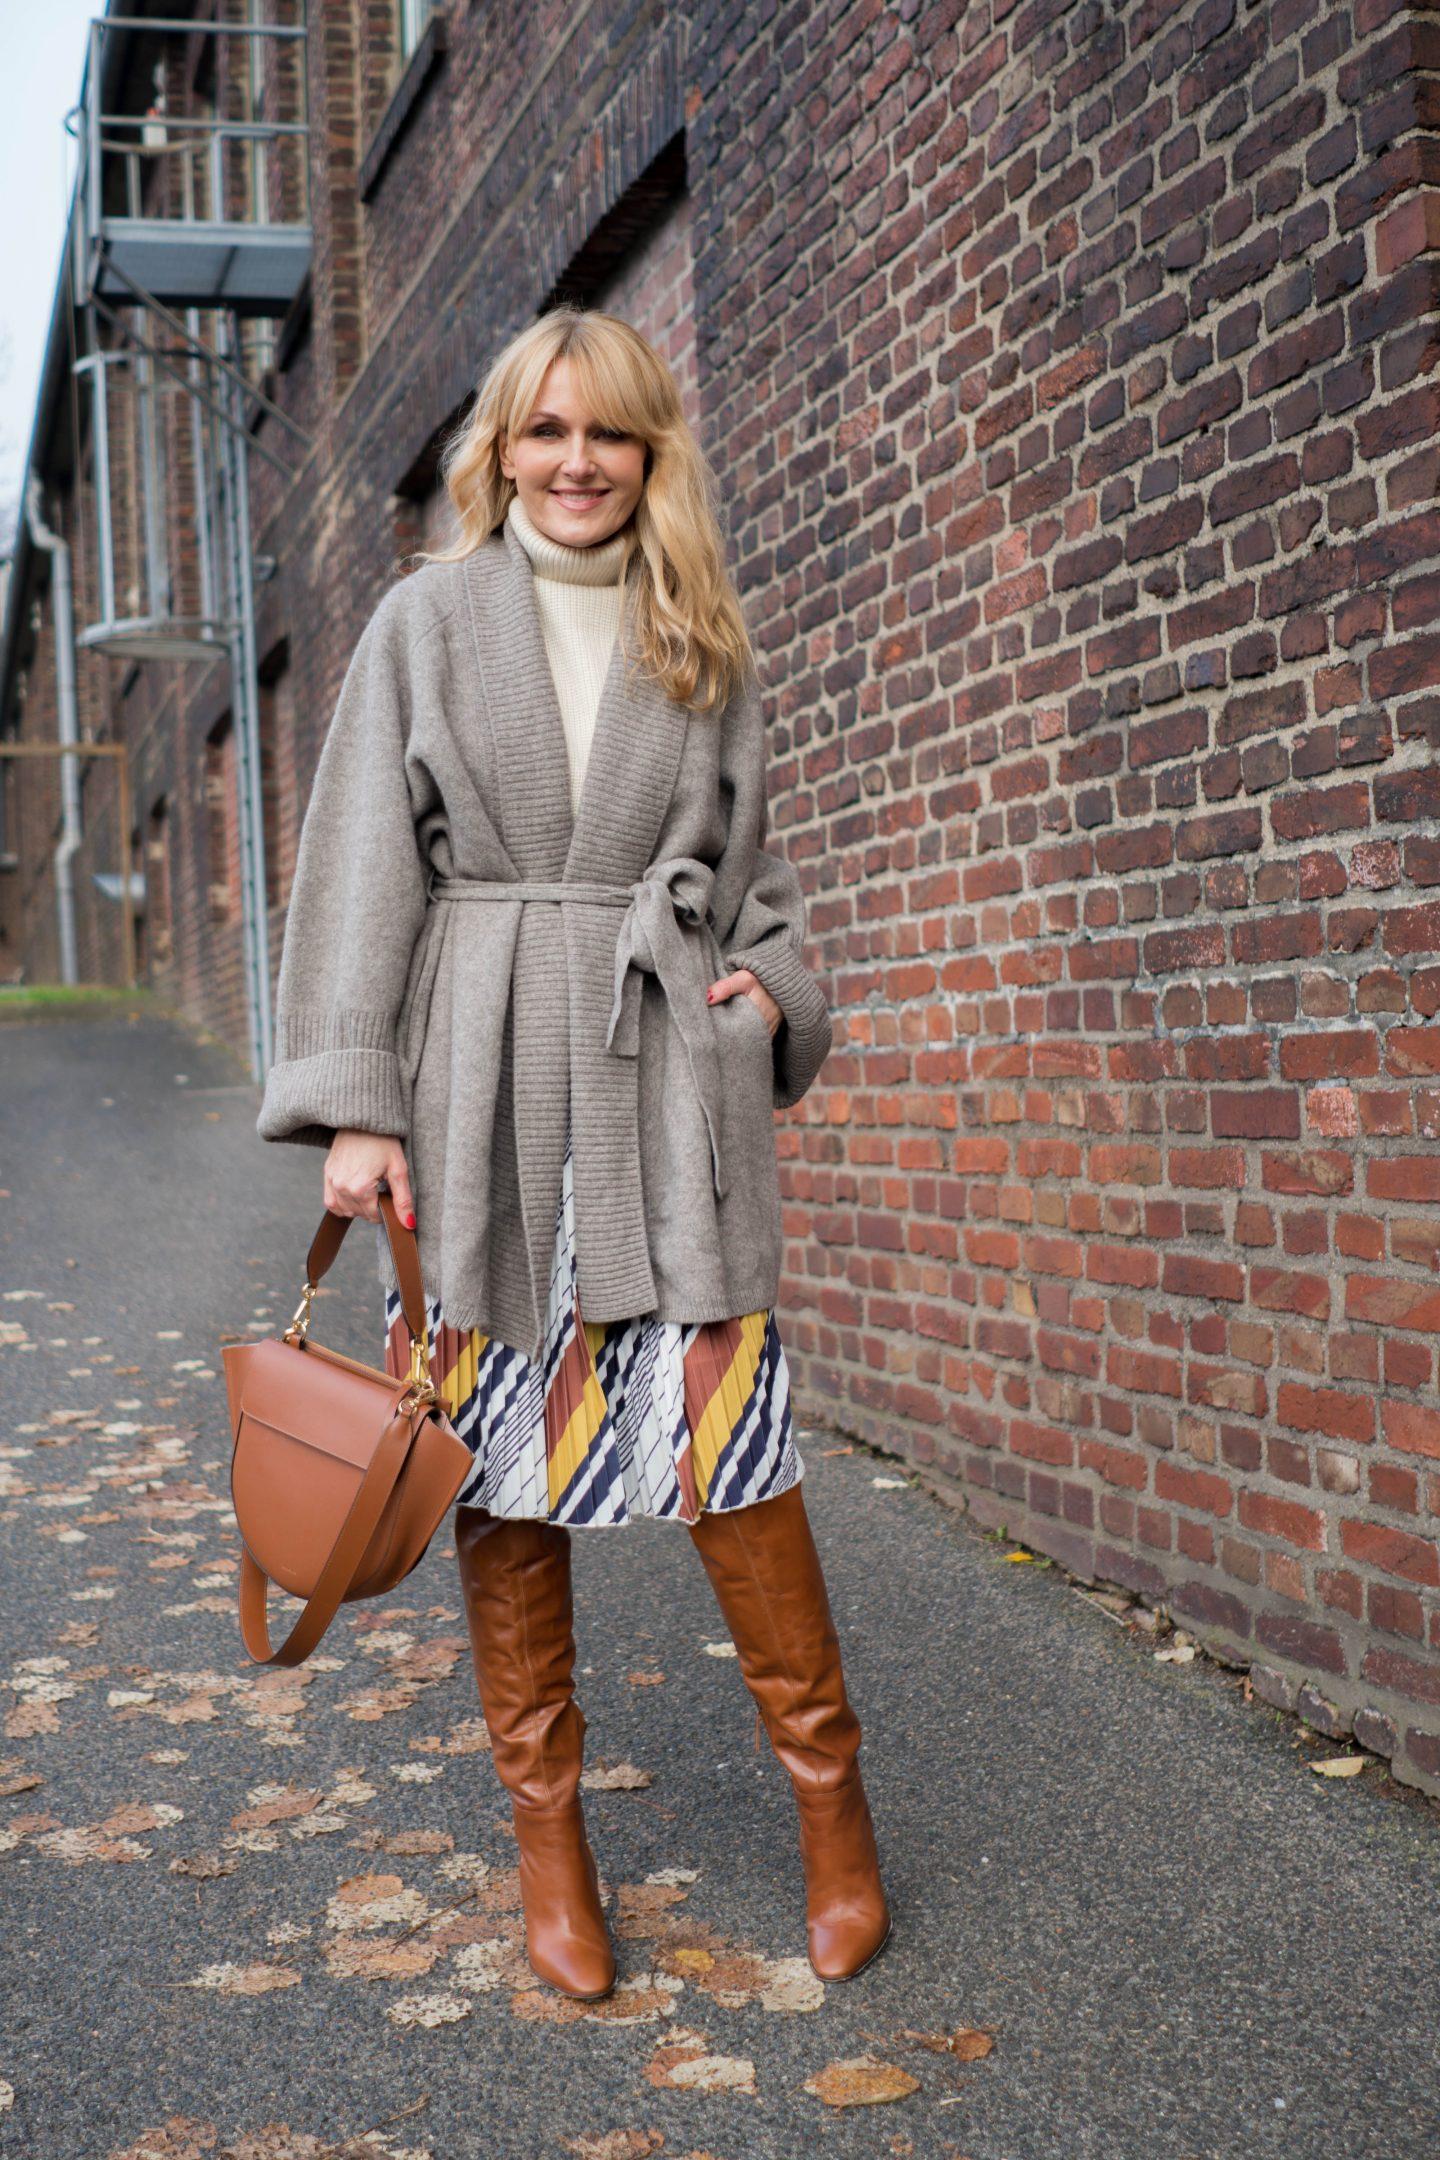 Sommerkleid im Winter tragen - Kleid von Amy Vermont, Wenz winterlich gestylt - Nowshine Fashion Blog